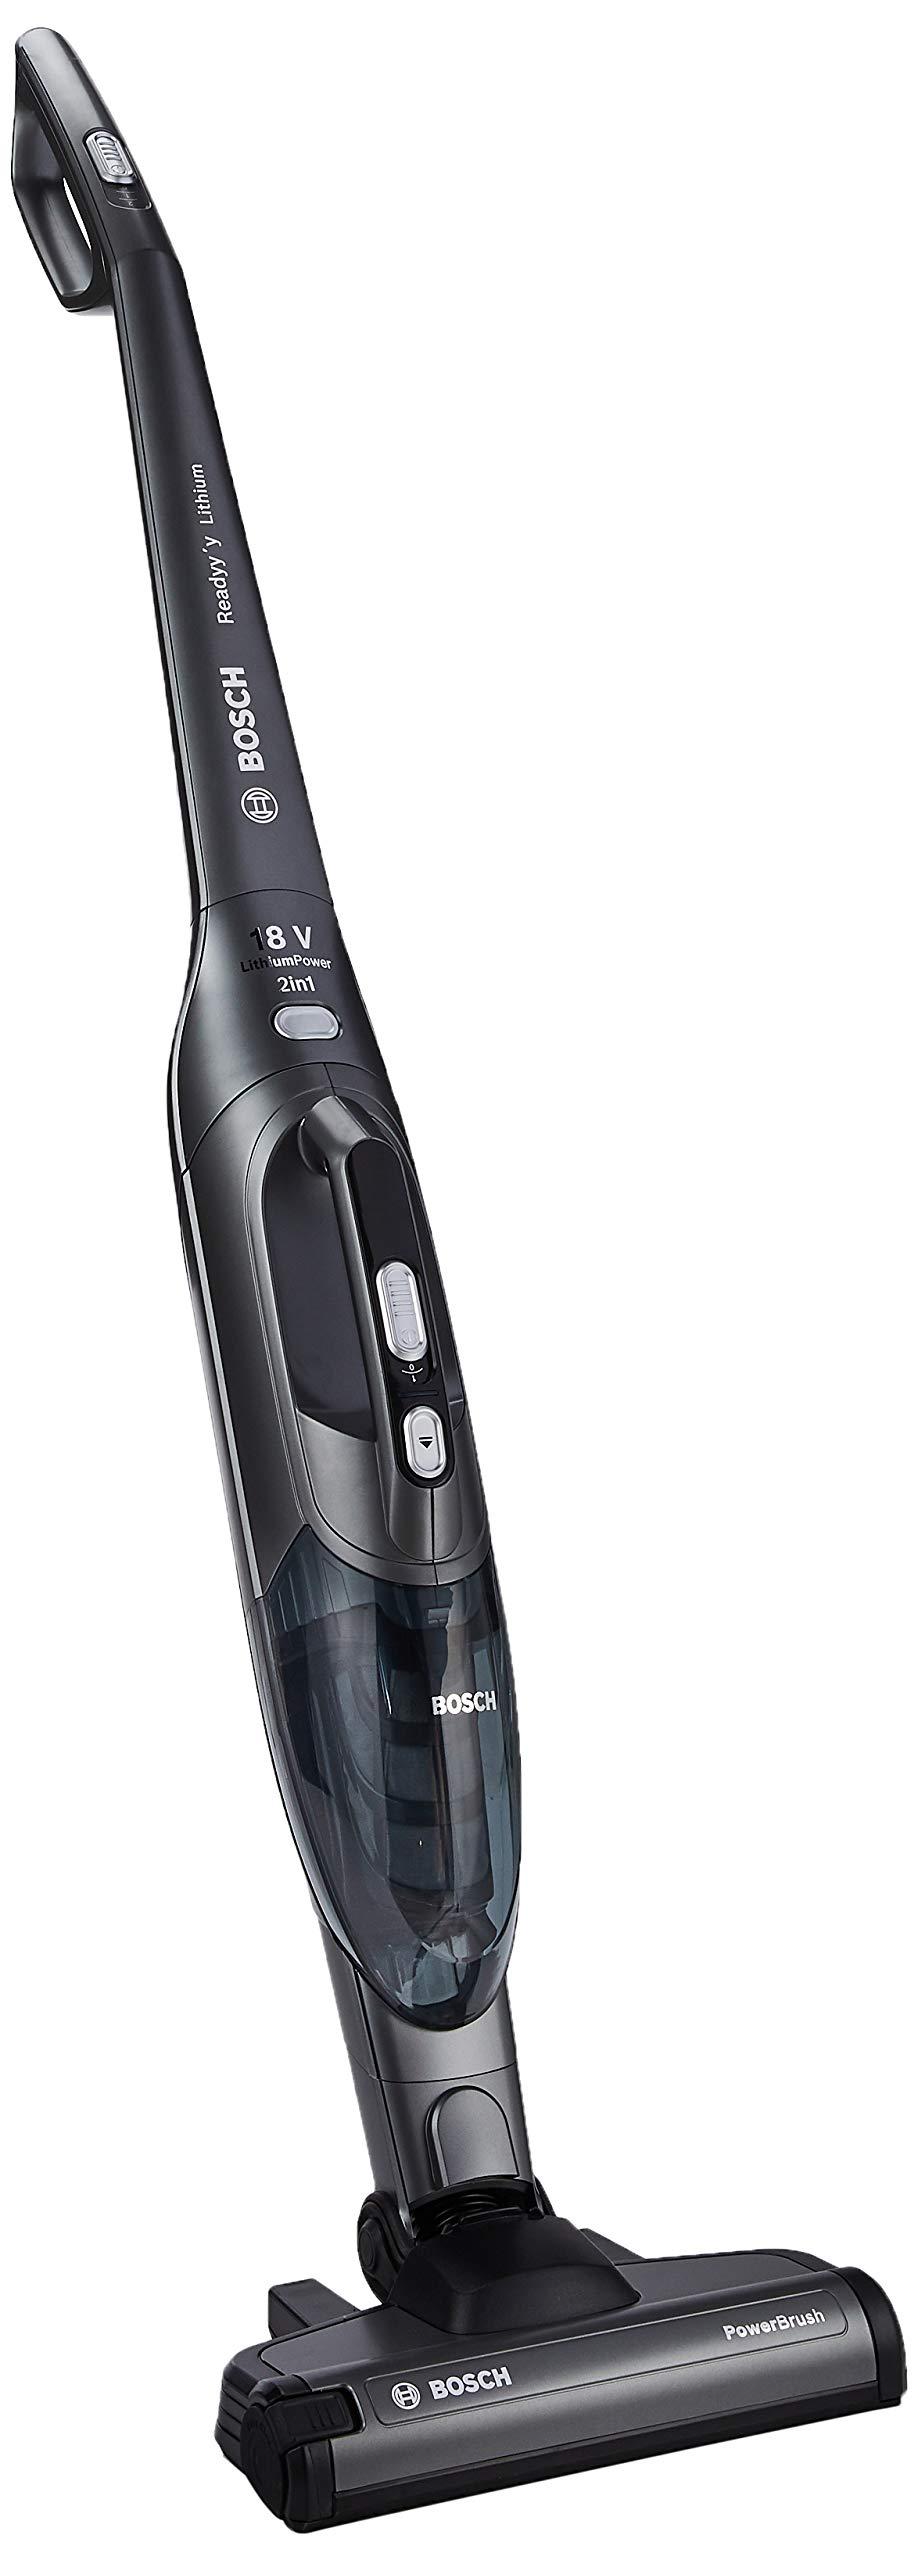 Bosch BBHL21841 0.4L Negro aspiradora de pie y escoba eléctrica - Aspiradora escoba (Sin bolsa, Negro, 0,4 L, Secar, Batería, 18 V): Amazon.es: Hogar